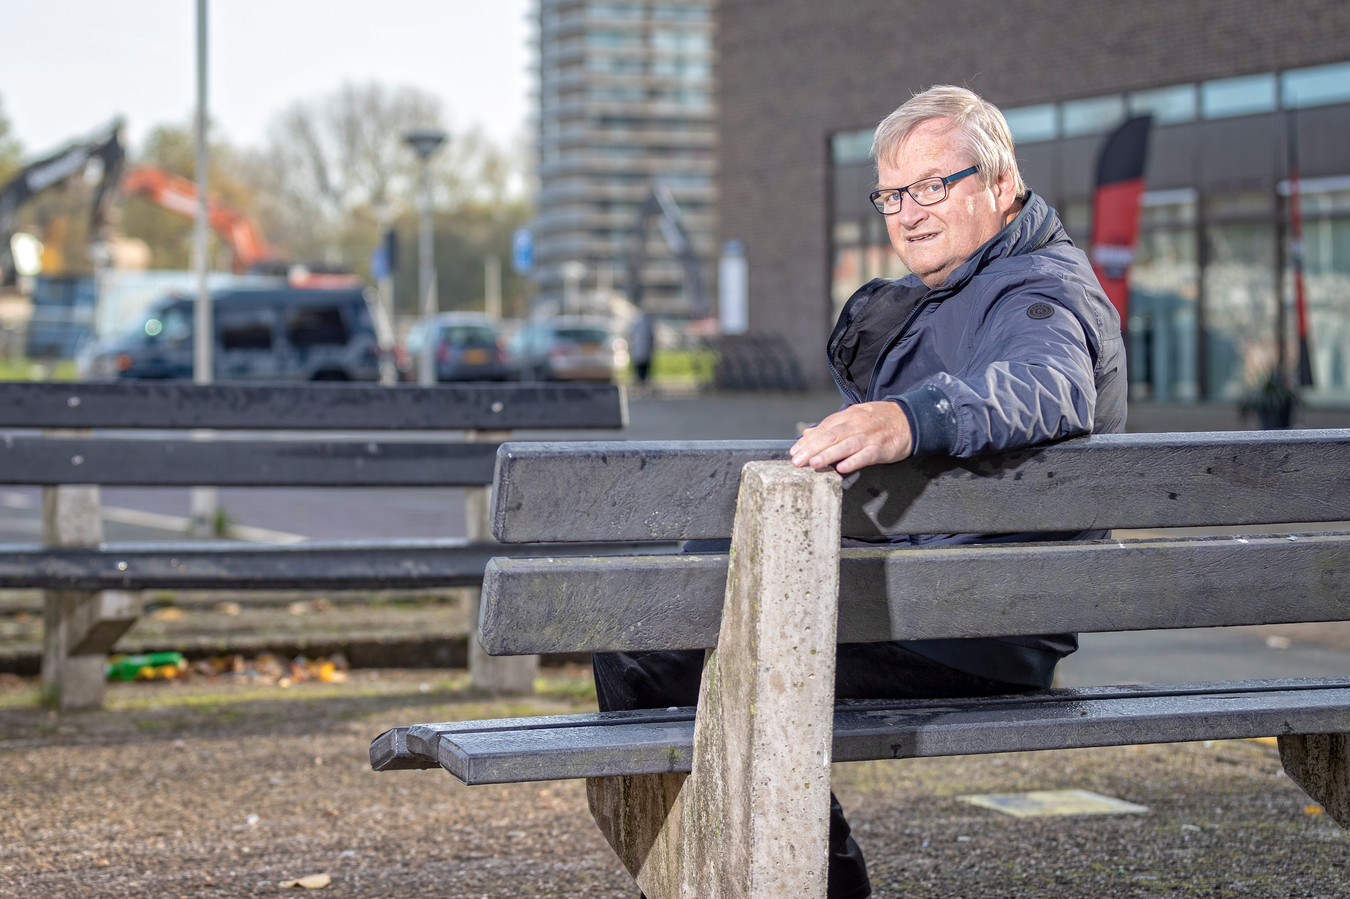 Politicus Hilbrand Nawijn op de plek waar tot voorkort nog veel jongeren overlast was.